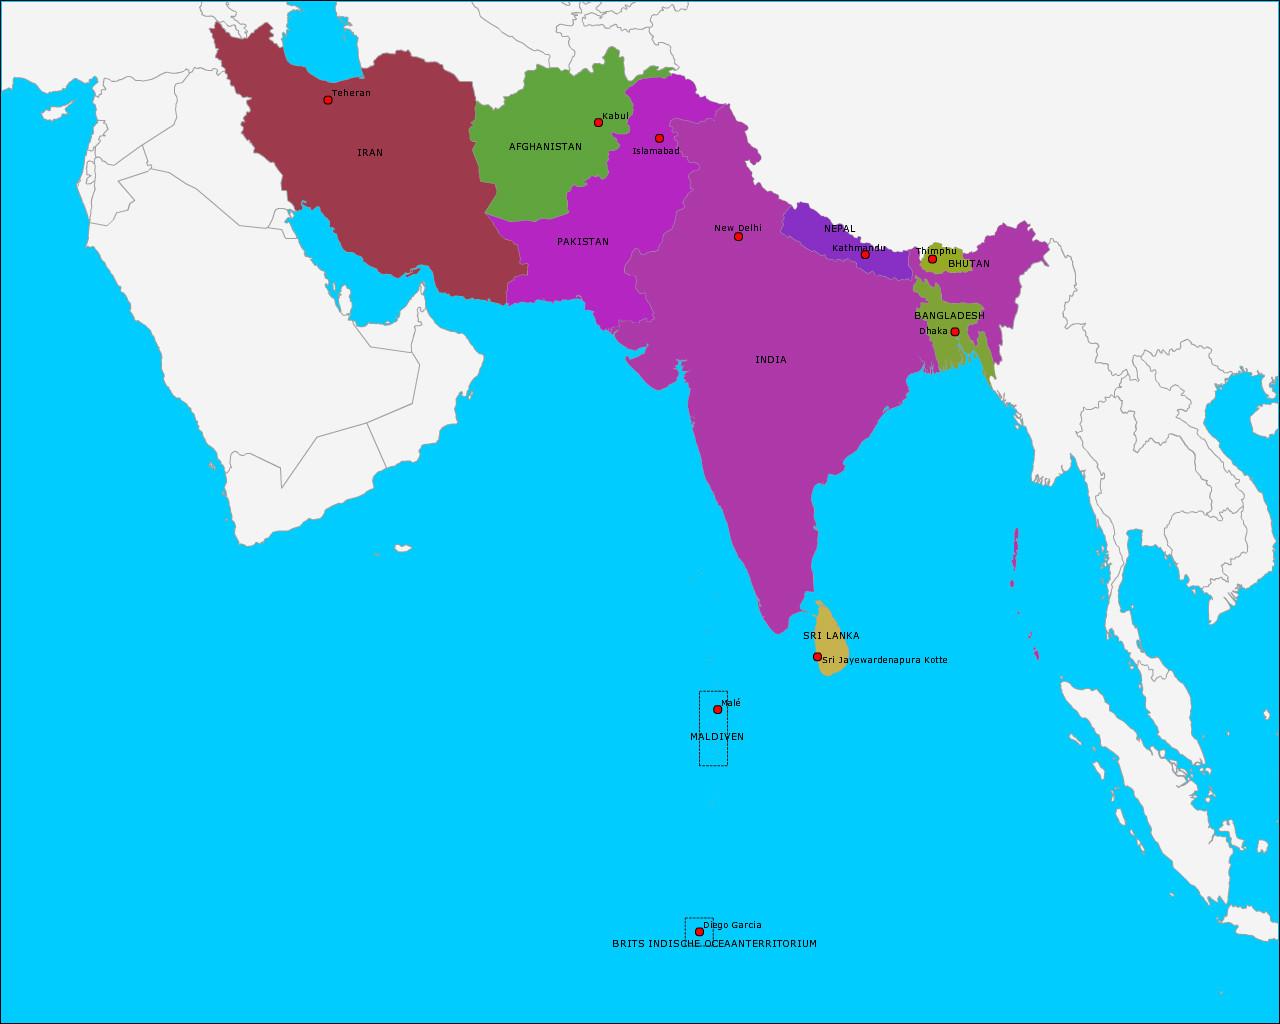 landen-en-hoofdsteden-van-zuid-azie